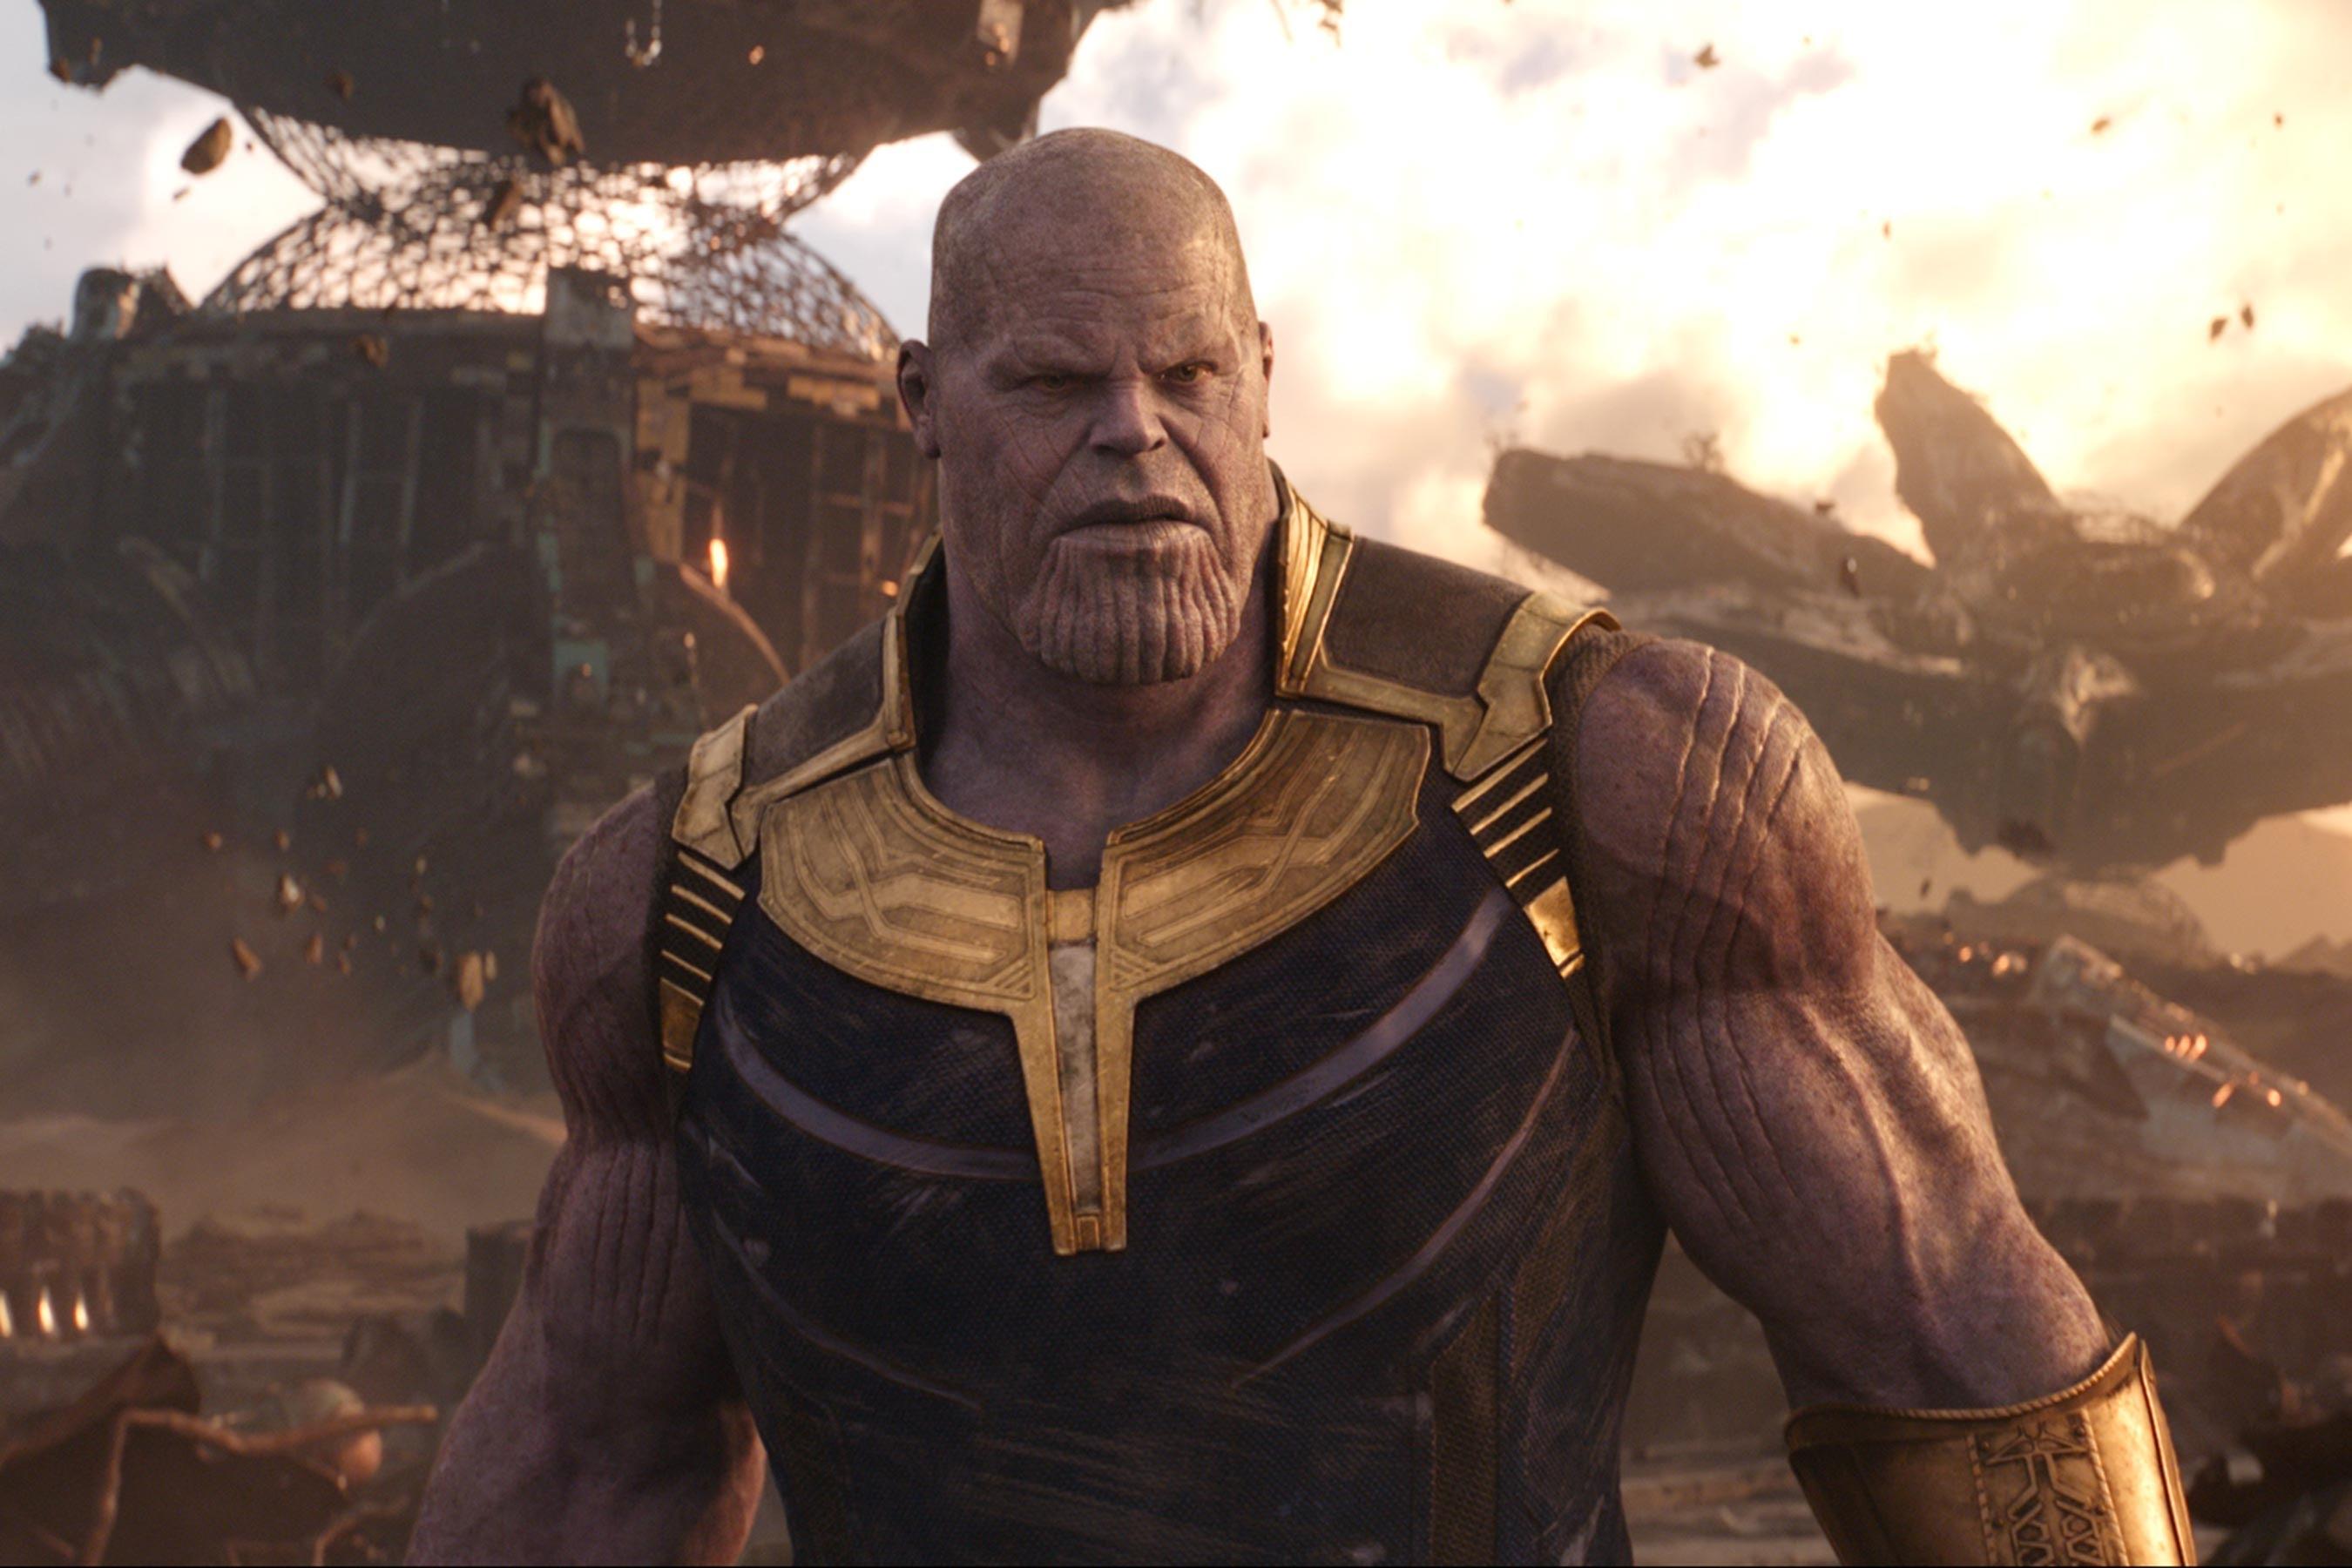 Thanos Flushes Ant-Man  : 「アベンジャーズ : エンドゲーム」のサノスは、お尻の穴から侵入したアントマンが体内で巨大化して、ジャイアントマンになる勢いによって、内側から破裂して死ぬんだよ ! ! というネタバレが、SNS で流行してることについて、当のサノスのジョシュ・ブローリンが間違いを訂正してくれた ! !